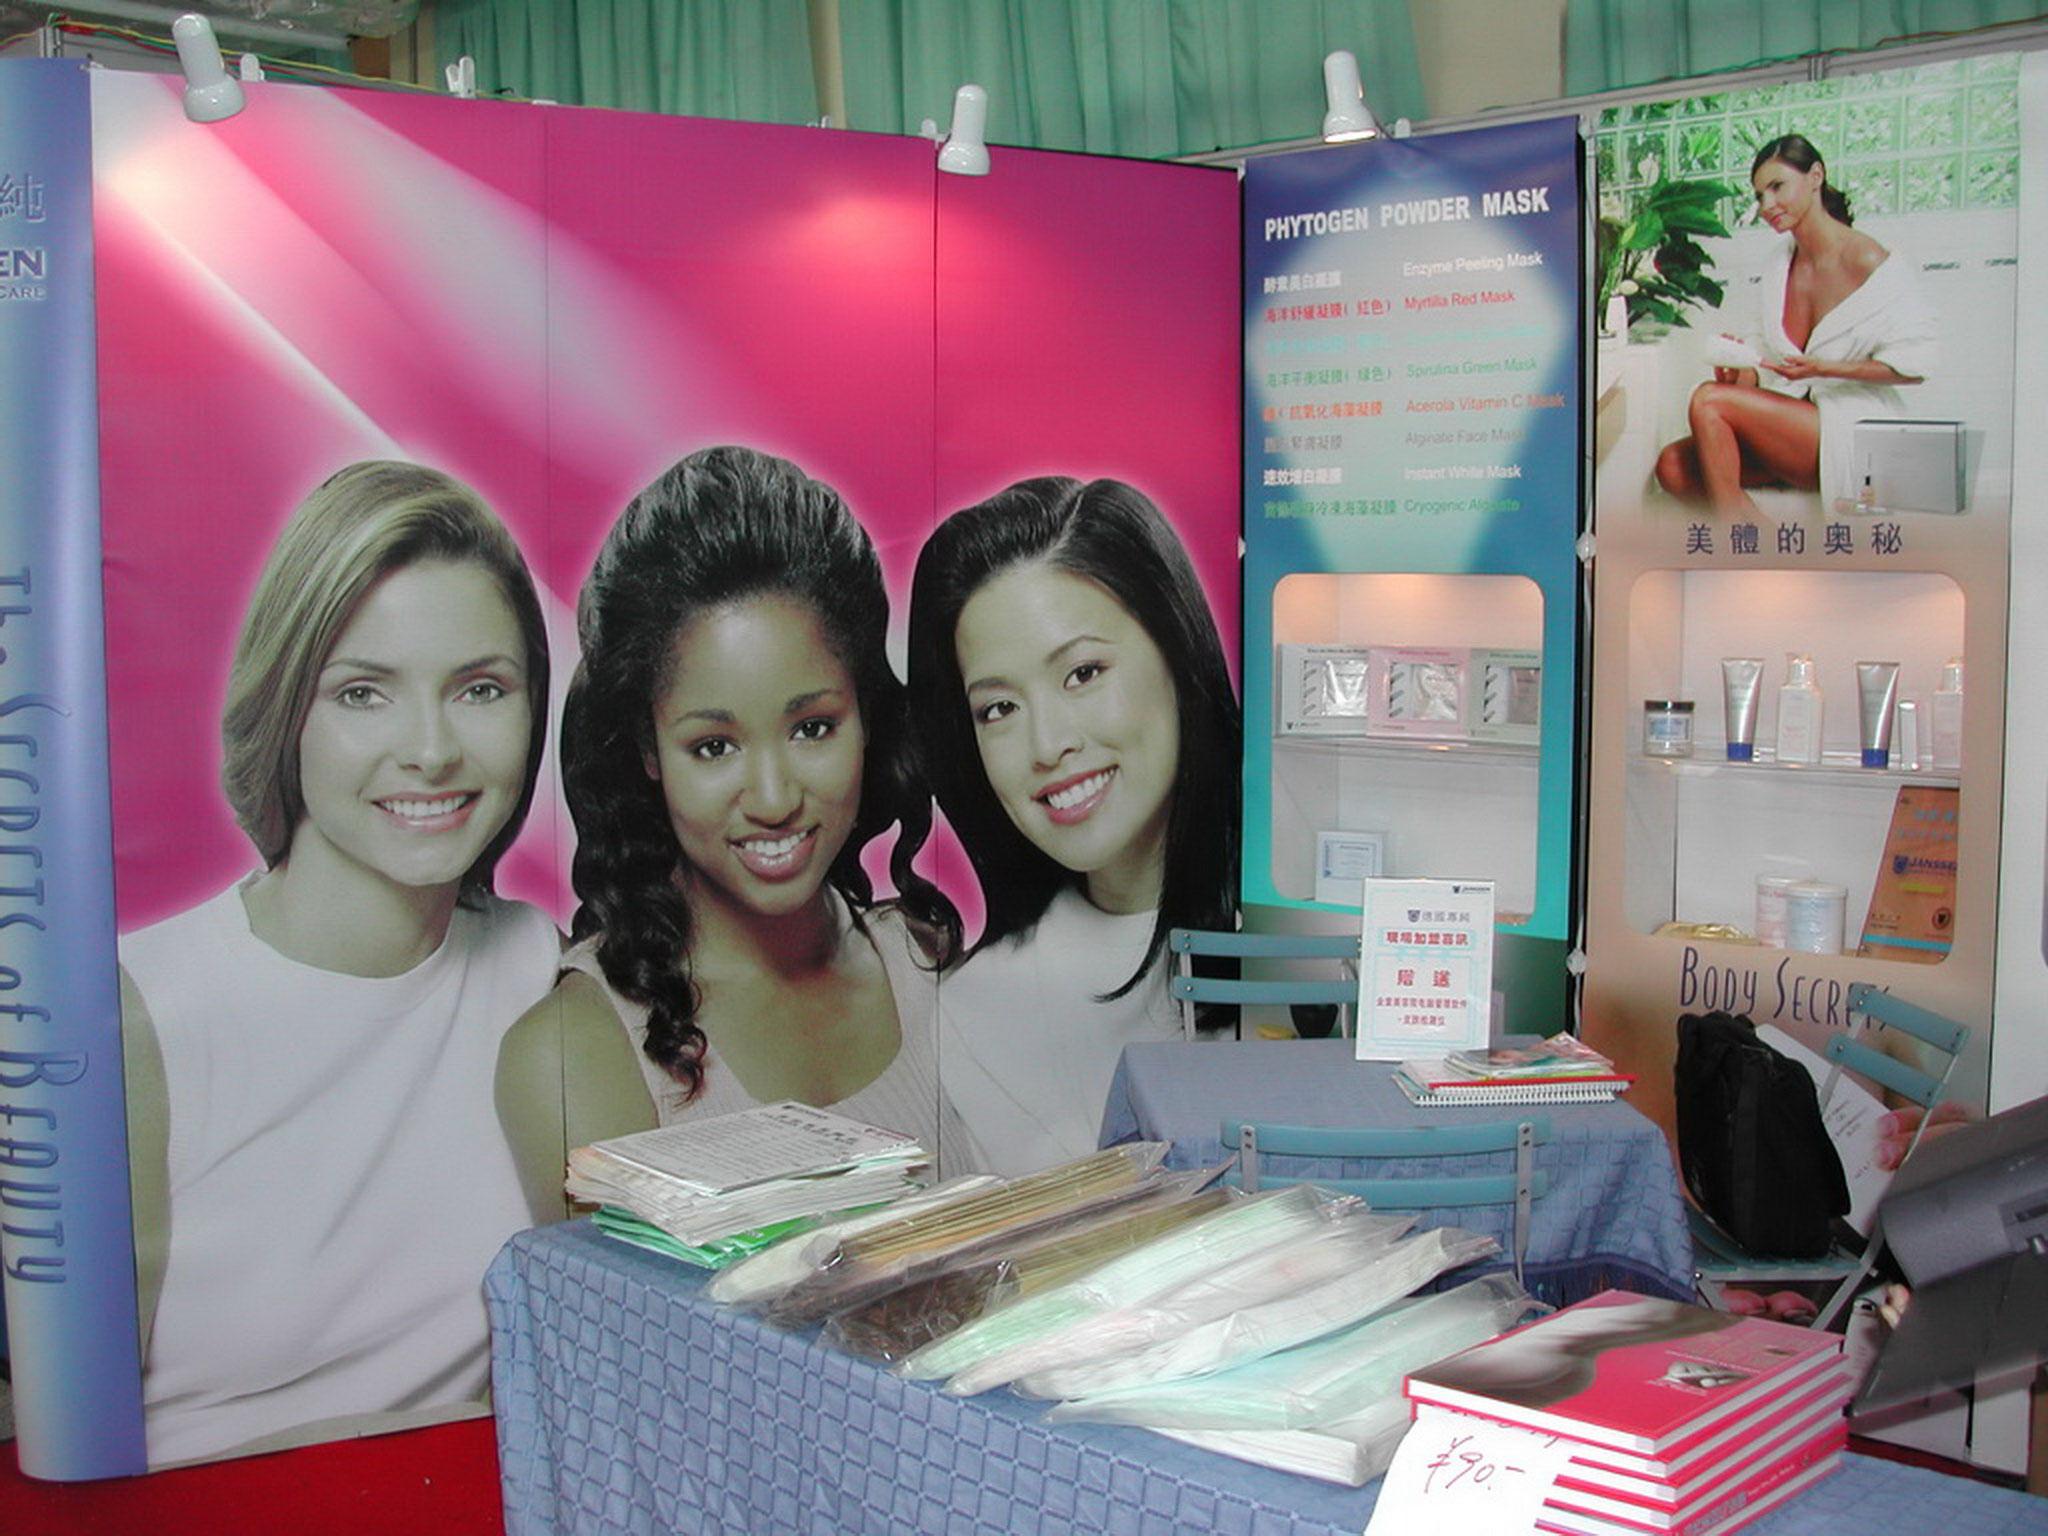 Beijing Beauty expo 2000